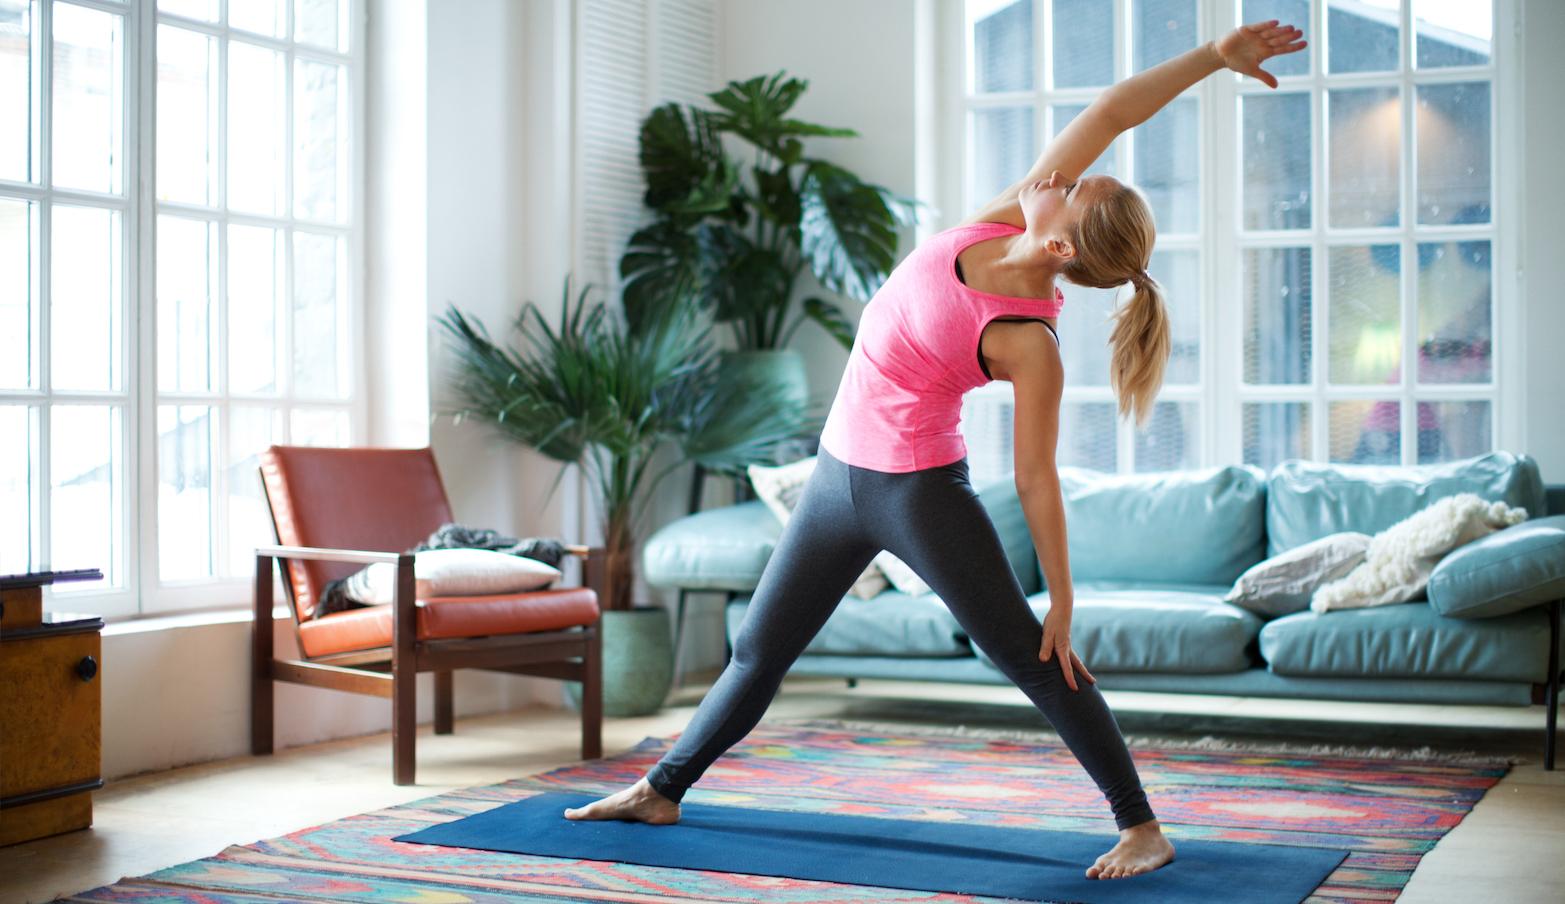 5-benefici-dello-stretching-per-il-benessere